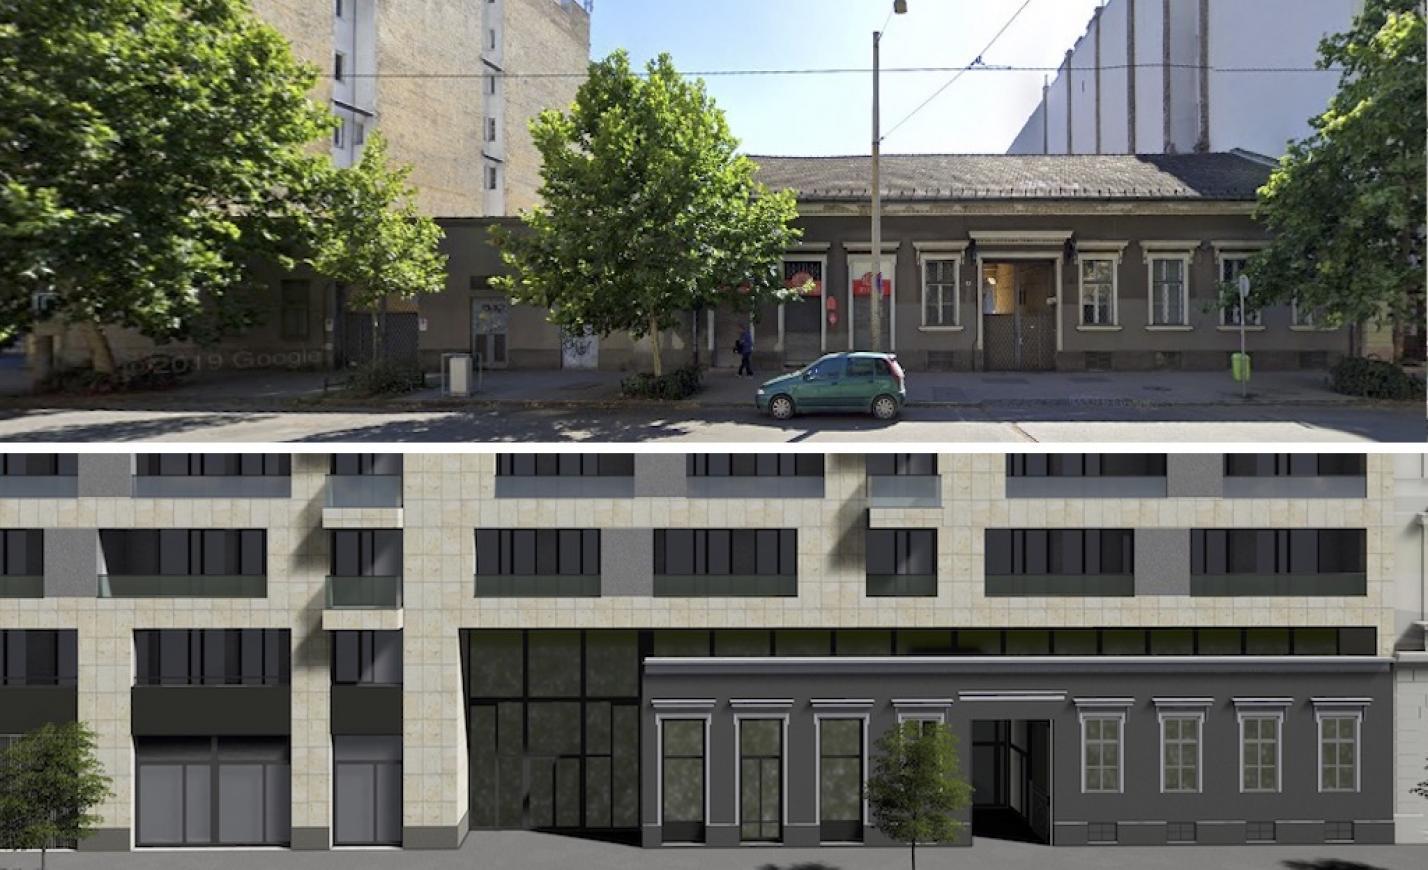 Óriási lakóház nyomja majd agyon Budapest századforduló óta működő Zsolnay-csempés húsboltját